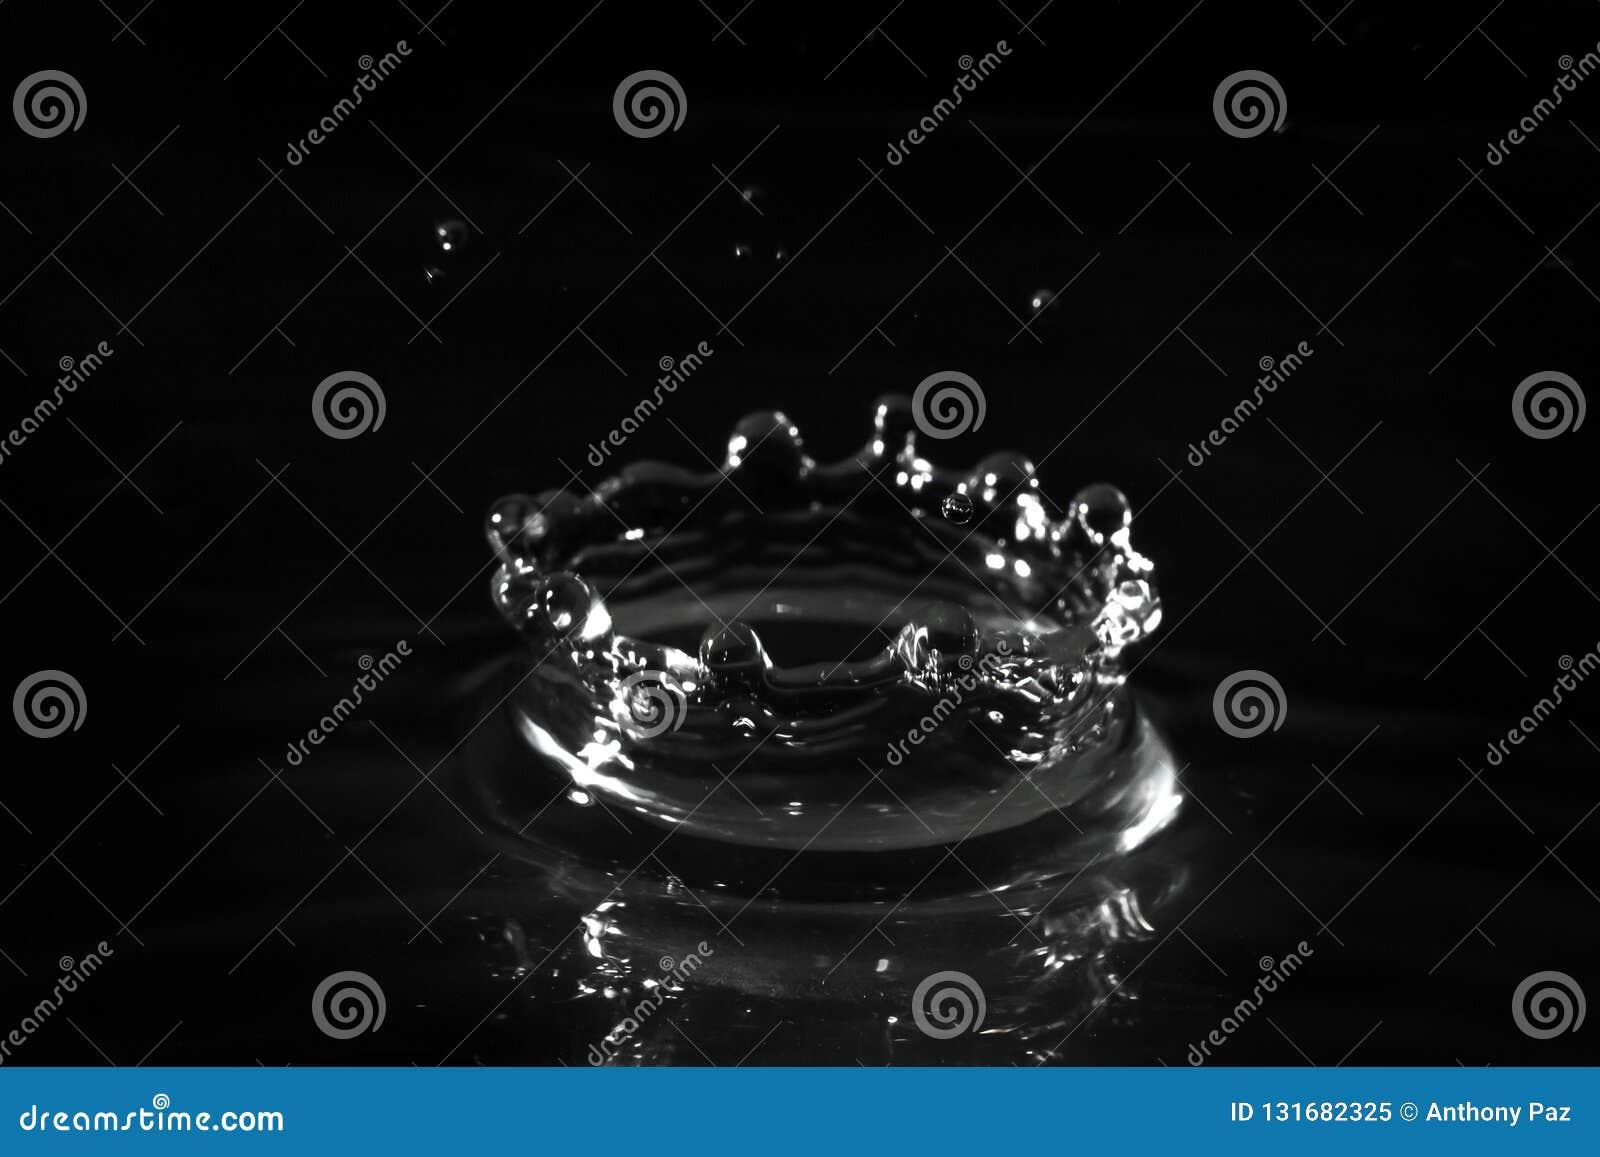 пульсации пруда капания струясь волны воды